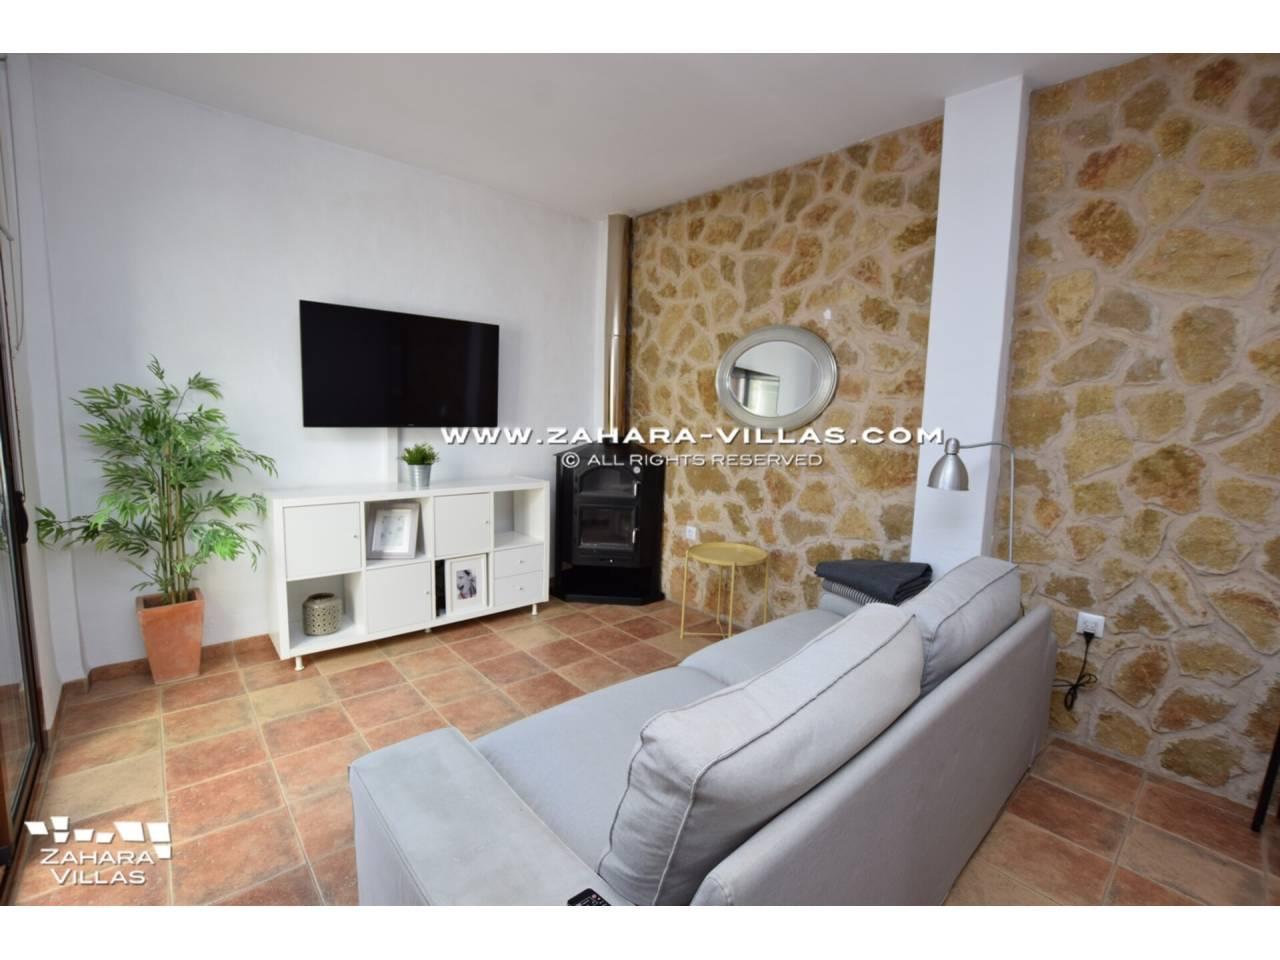 Imagen 31 de Haus zum verkauf in Zahara de los Atunes